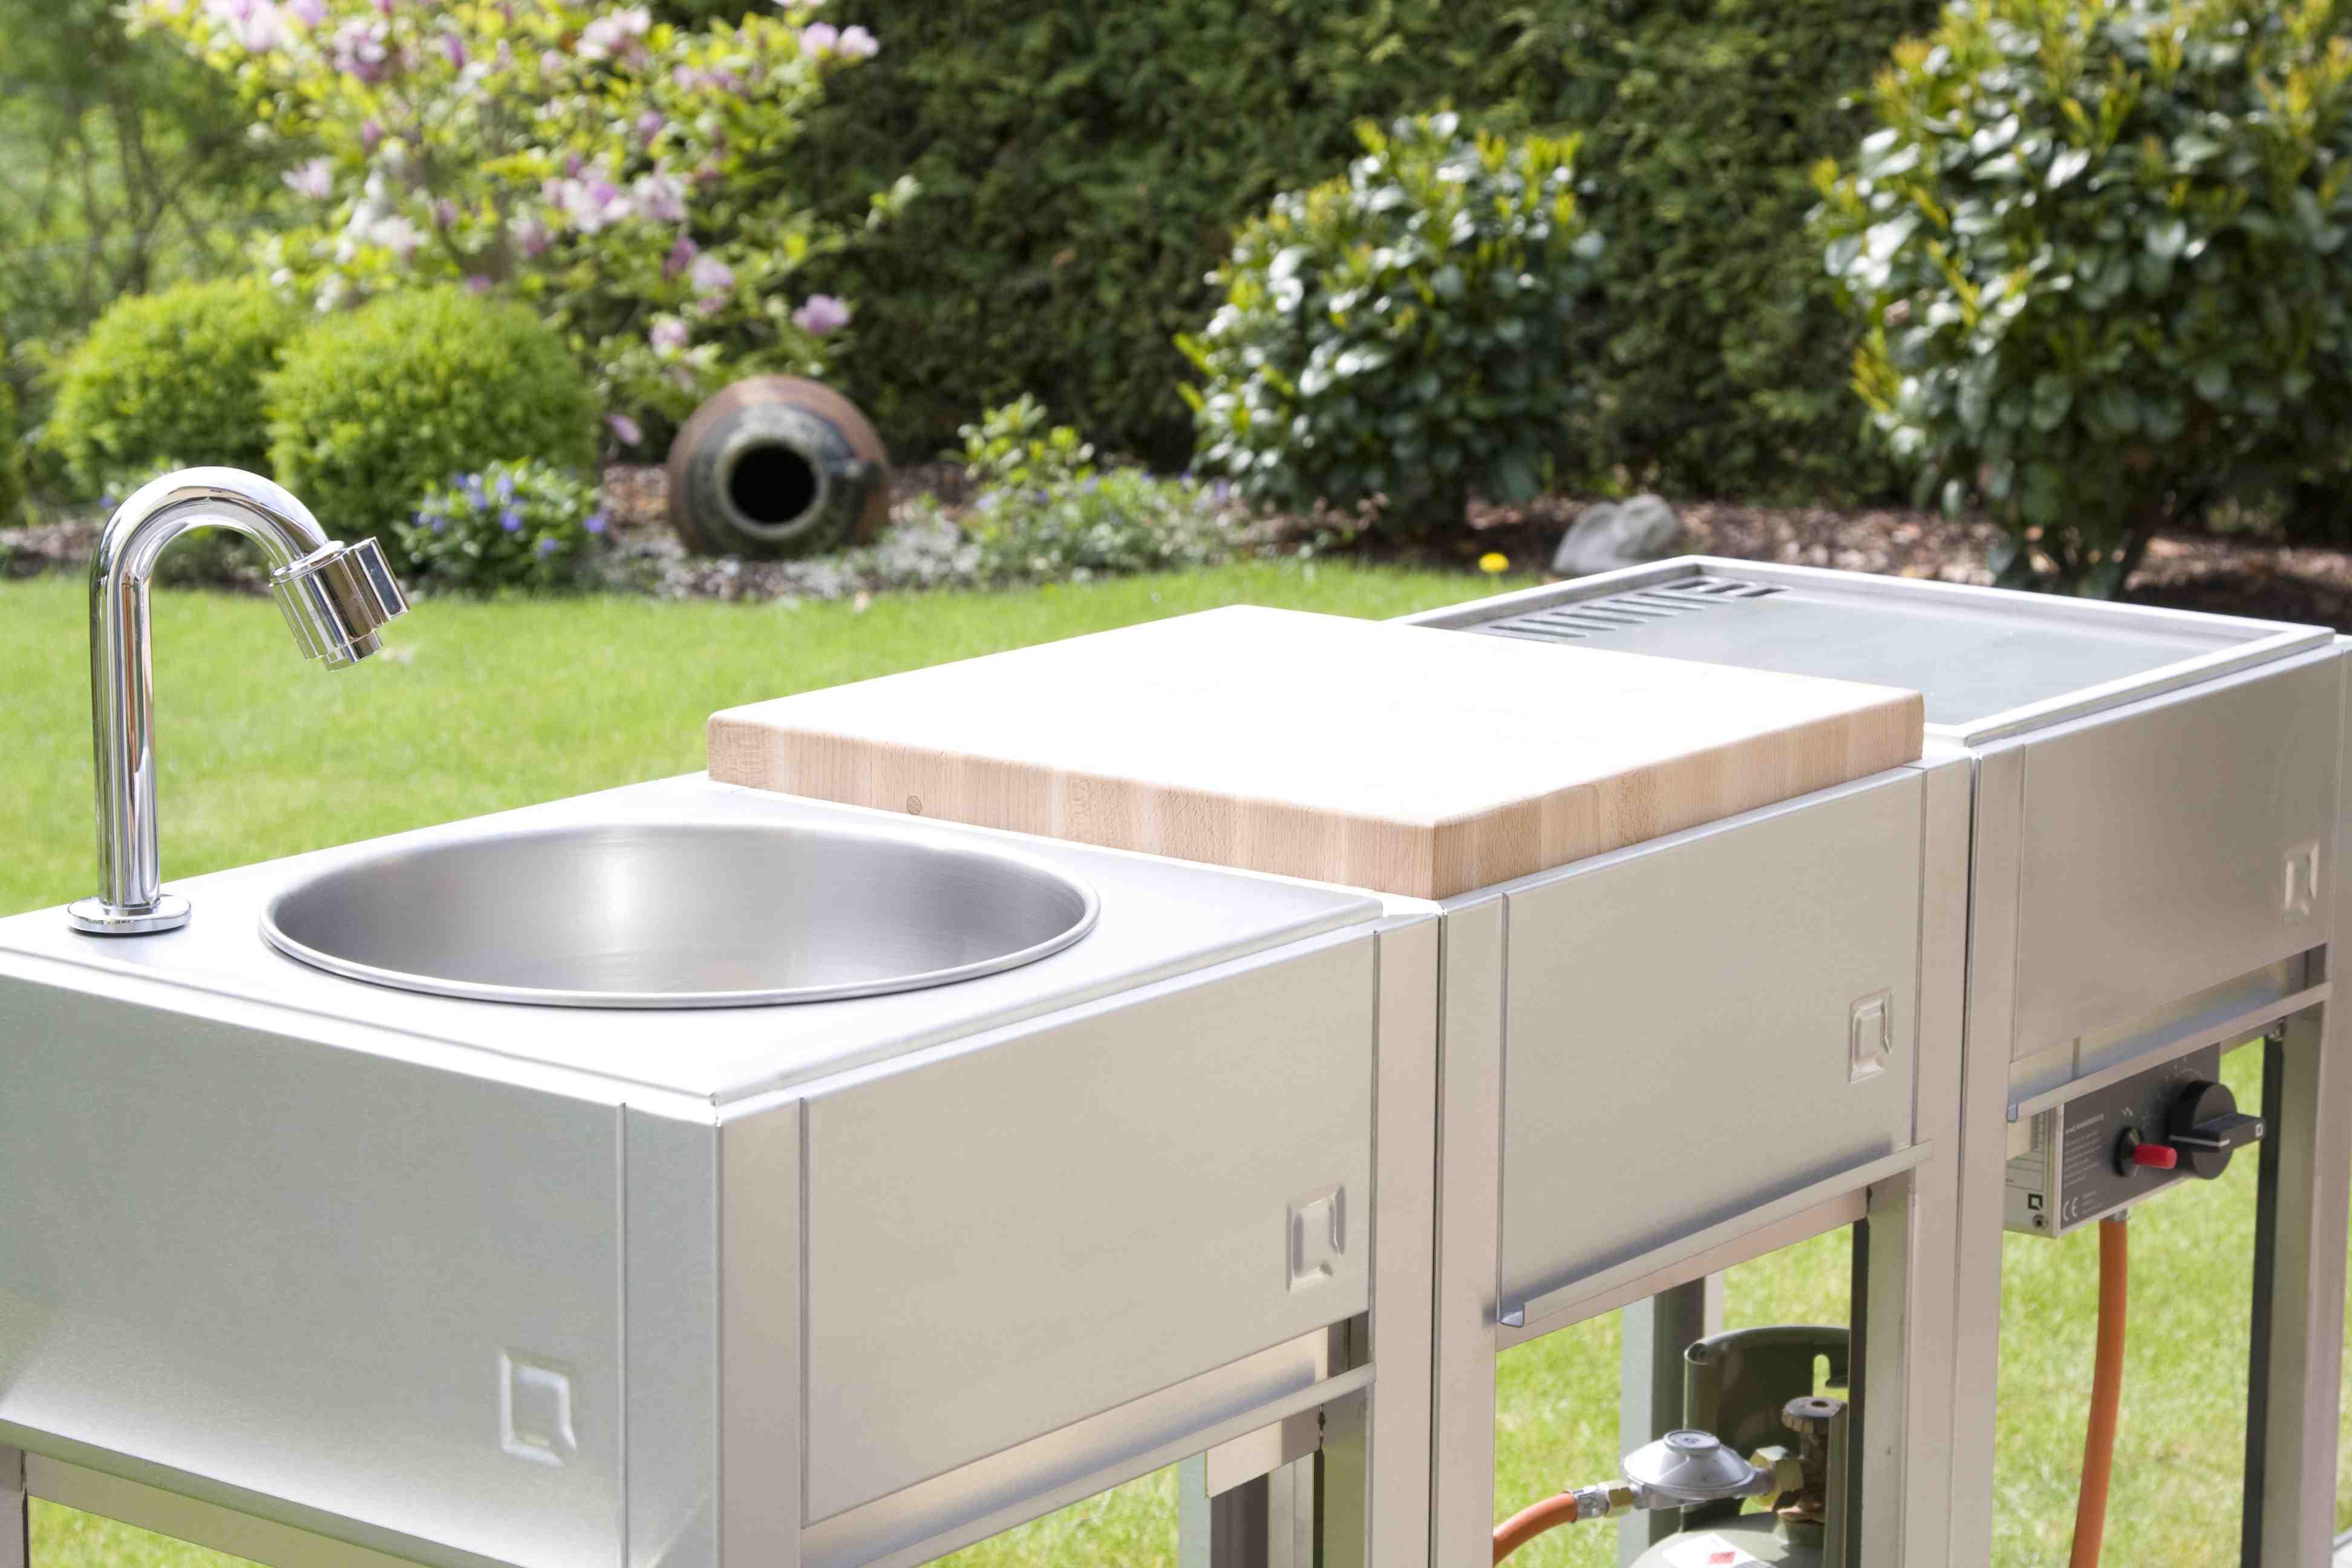 Outdoor Küche Module : Oneq smart outdoor cooking outdoorküche bevemo